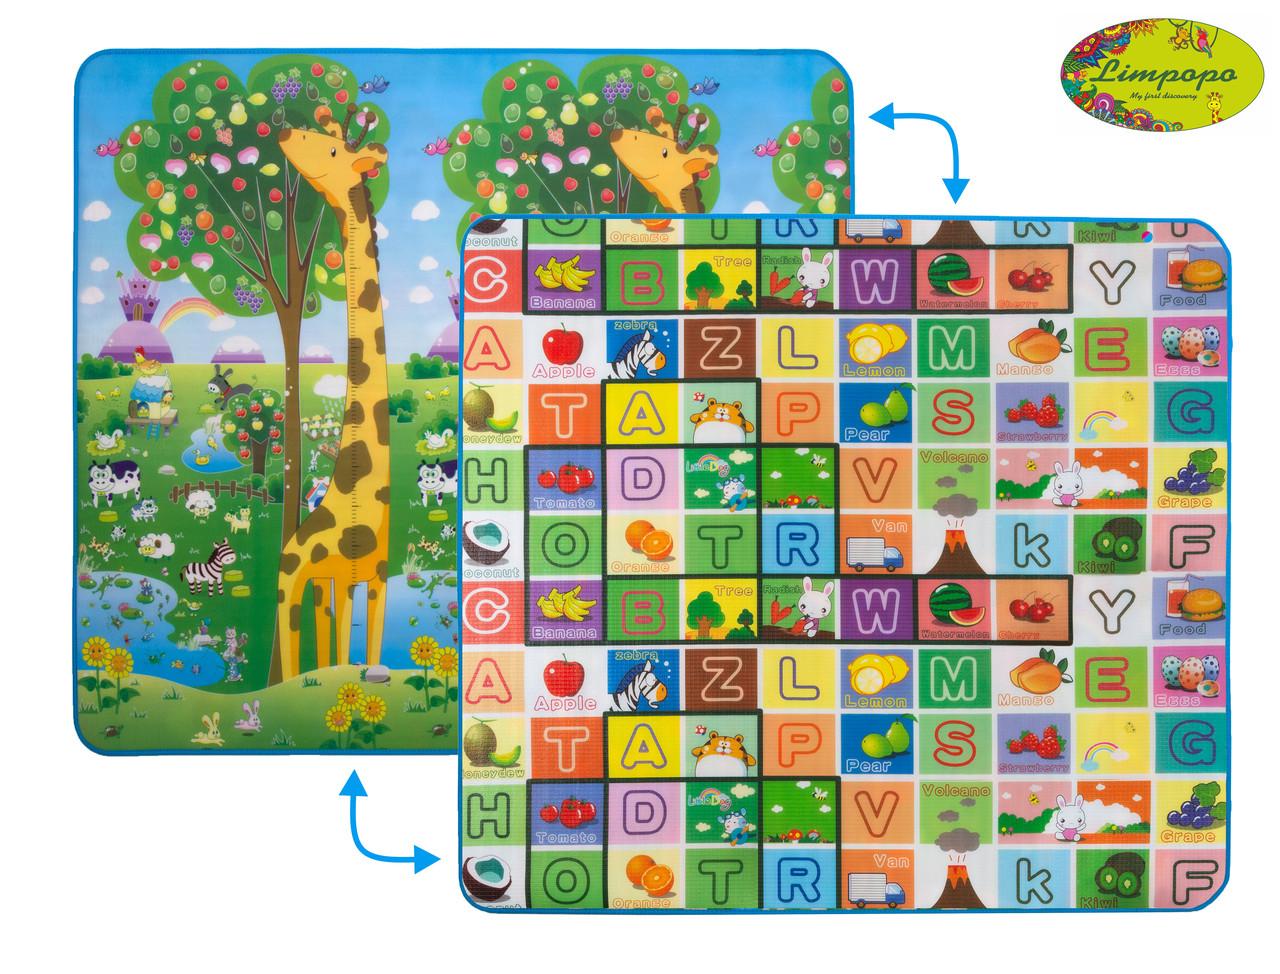 """Детский двусторонний коврик Limpopo """"Большая жирафа и Красочная азбука"""", 200х180 см, арт LP012-200"""